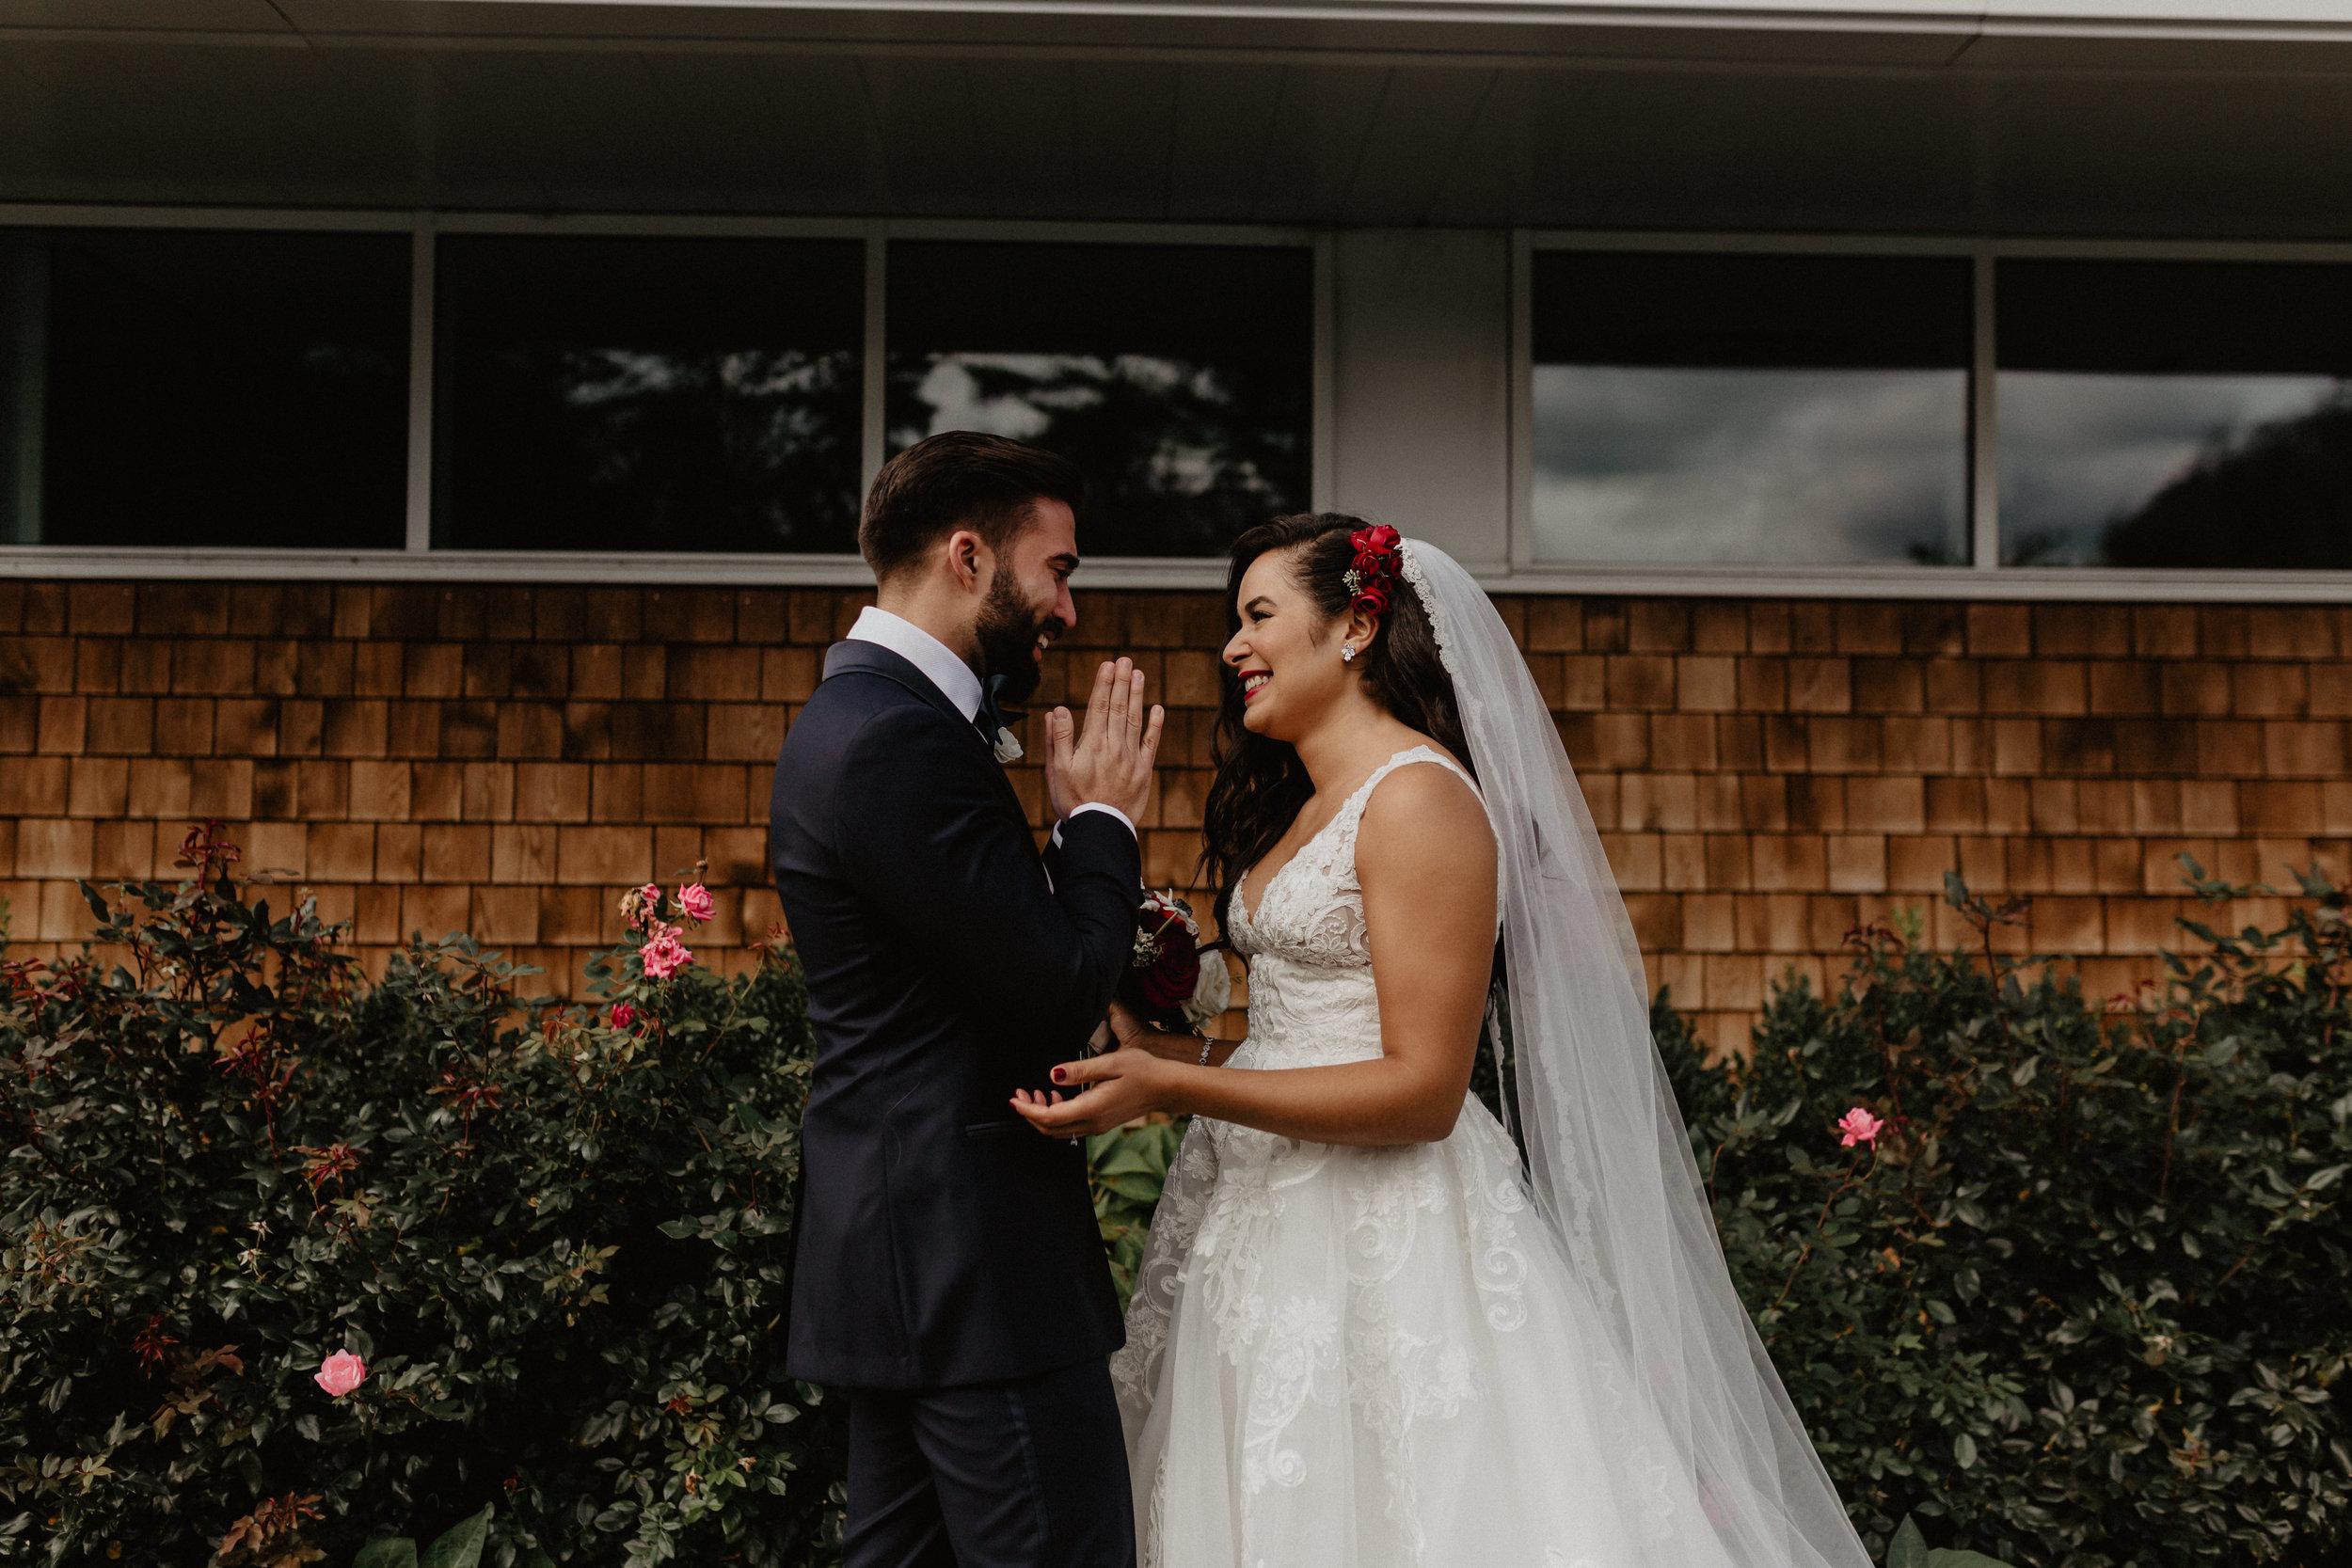 garrison_wedding_photos_031.jpg